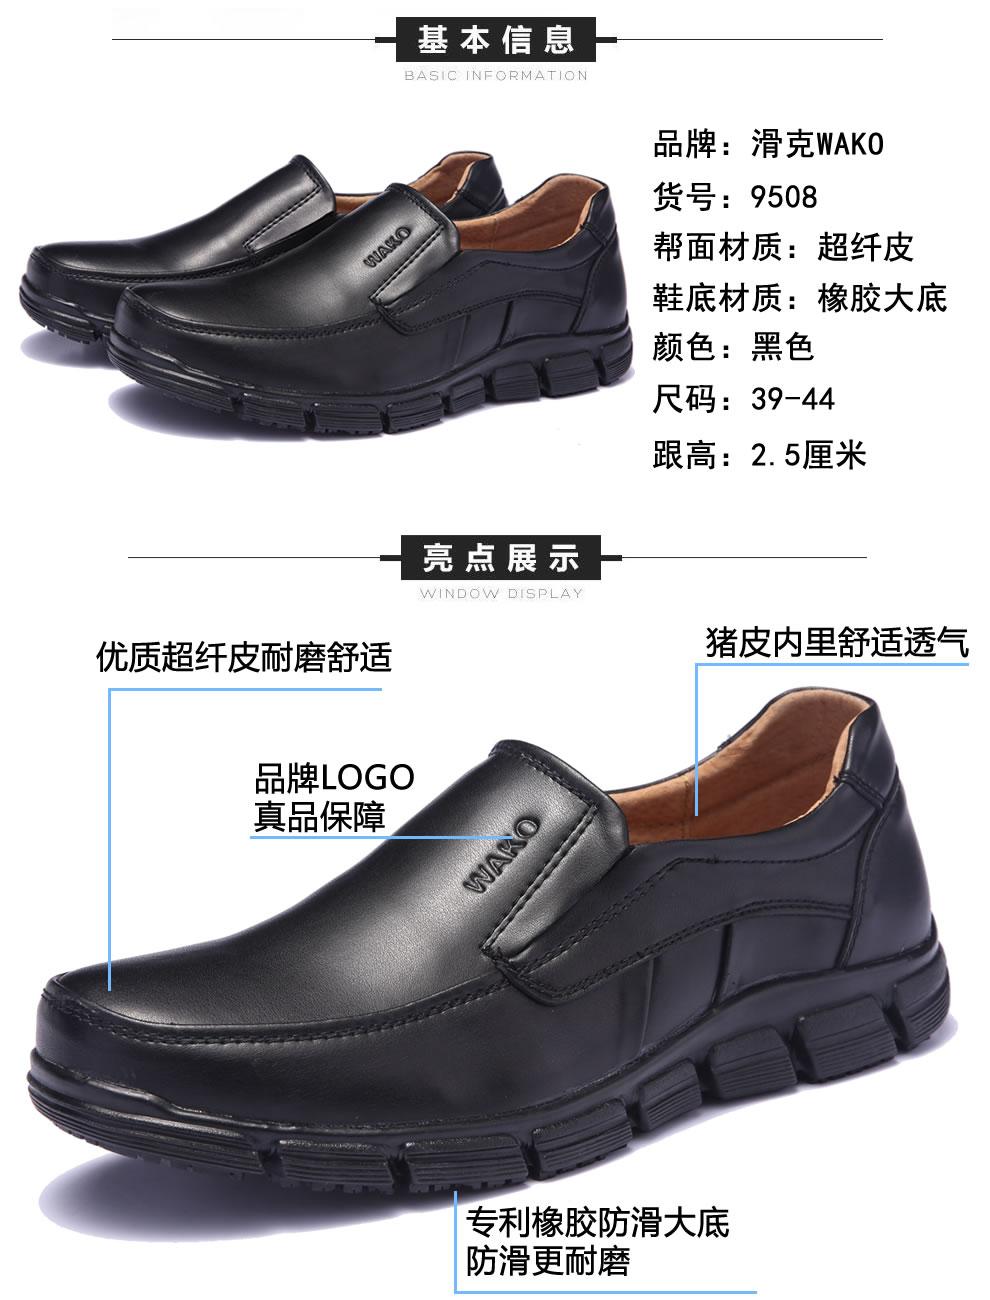 Wako trượt g giày đầu bếp thở không thấm nước dầu trượt an toàn giày dép khách sạn bếp mặc giày đặc biệt rơi